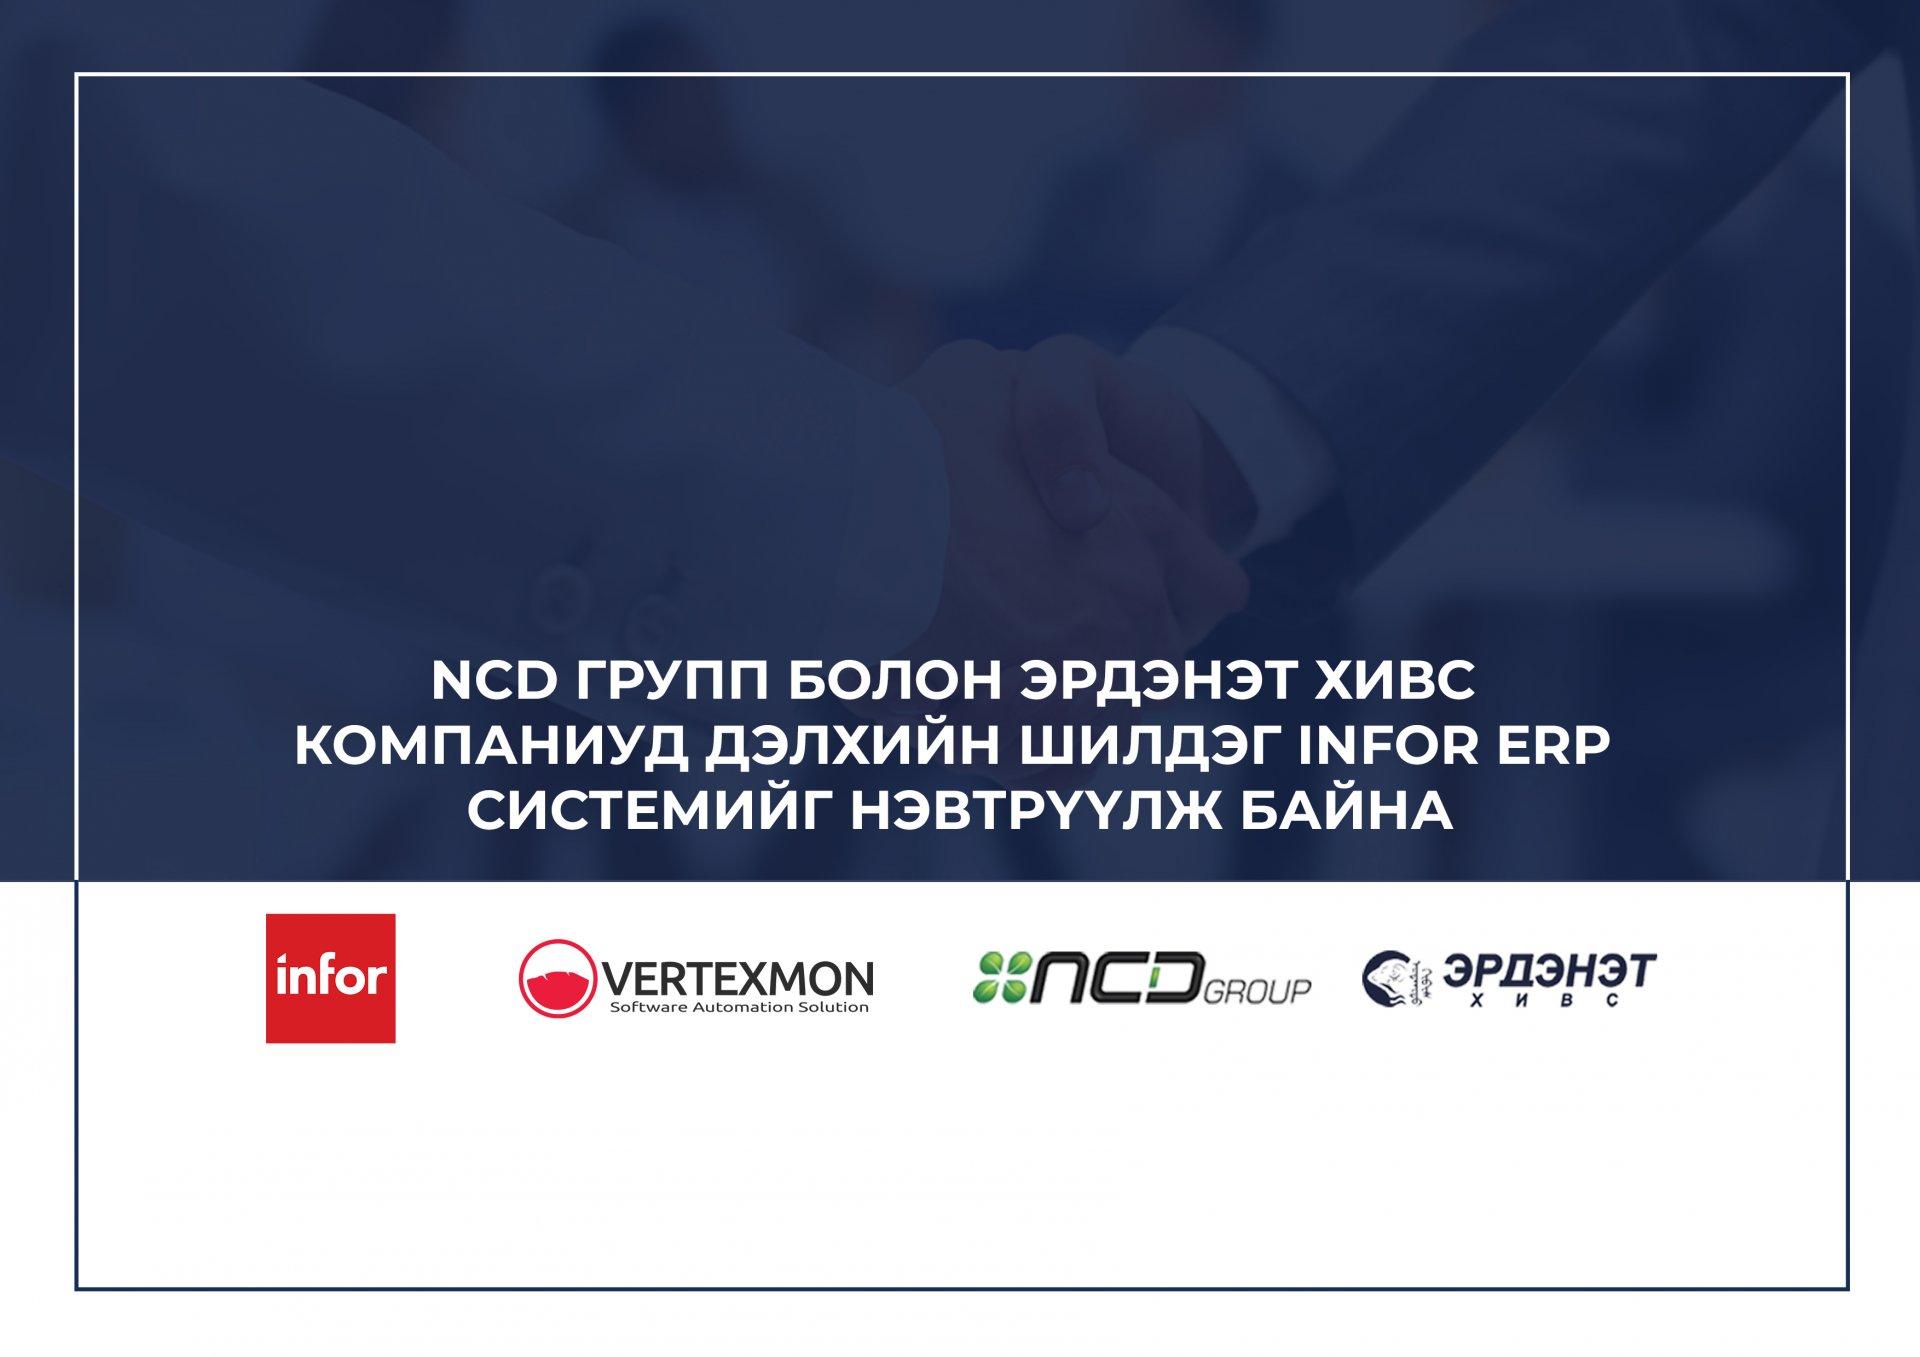 NCD Групп болон Эрдэнэт хивс компаниуд дэлхийн шилдэг INFOR ERP системийг нэвтрүүлж байна.